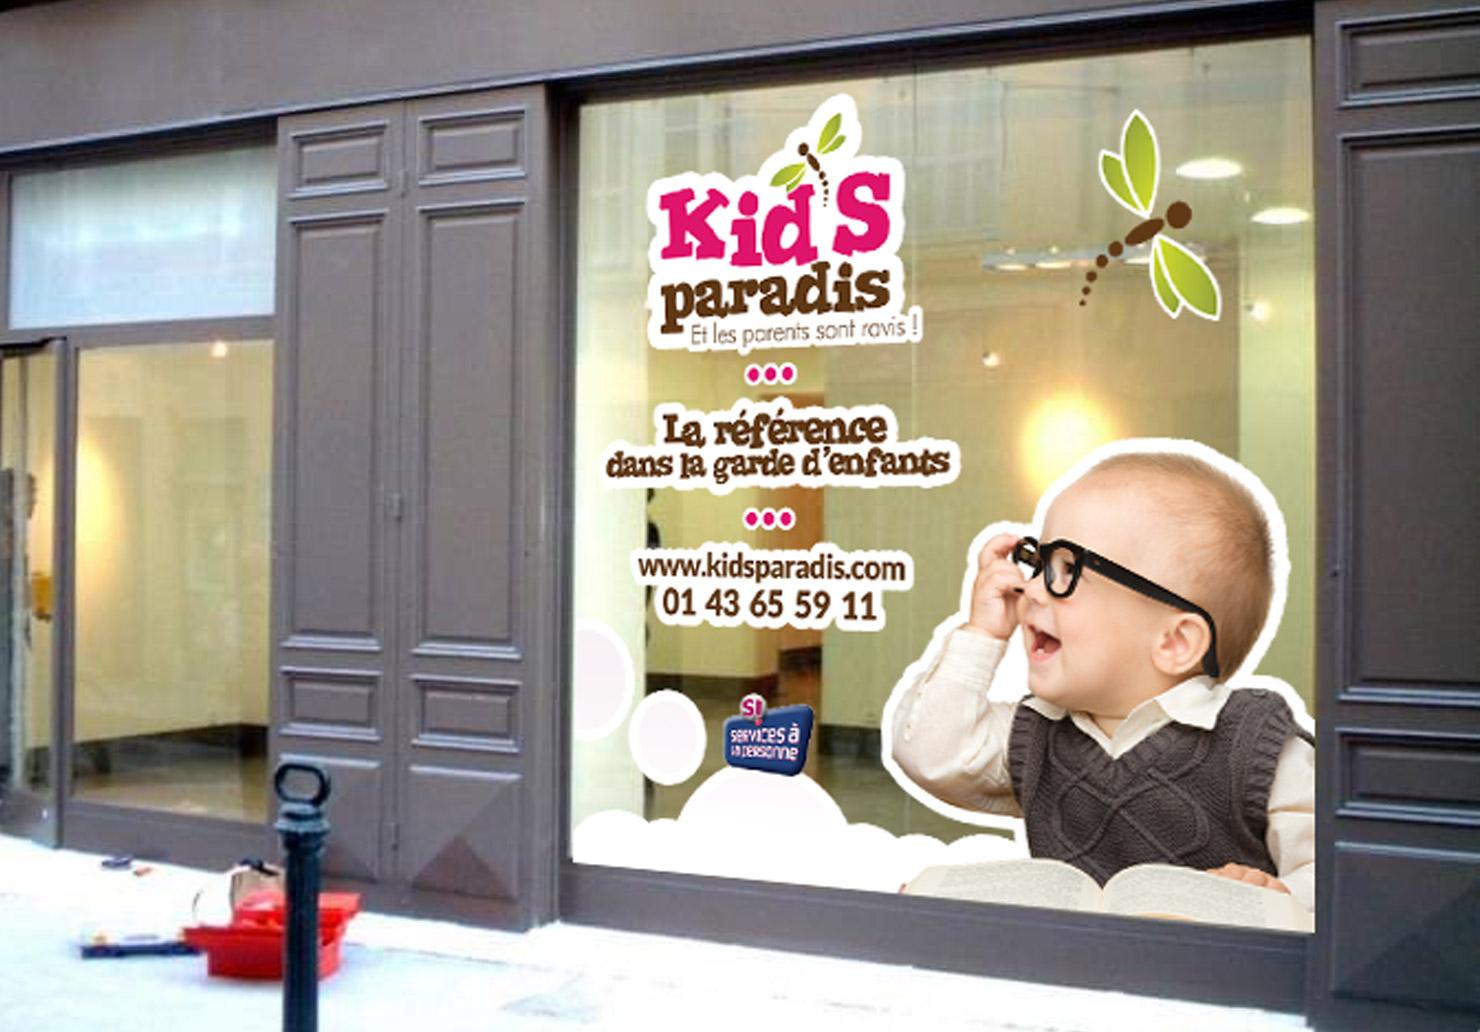 Habillage de vitrine Kid's Paradis - Création de vitrophanie par Emilie Le Béhérec Prima, Graphiste freelance dans le domaine de l'enfance